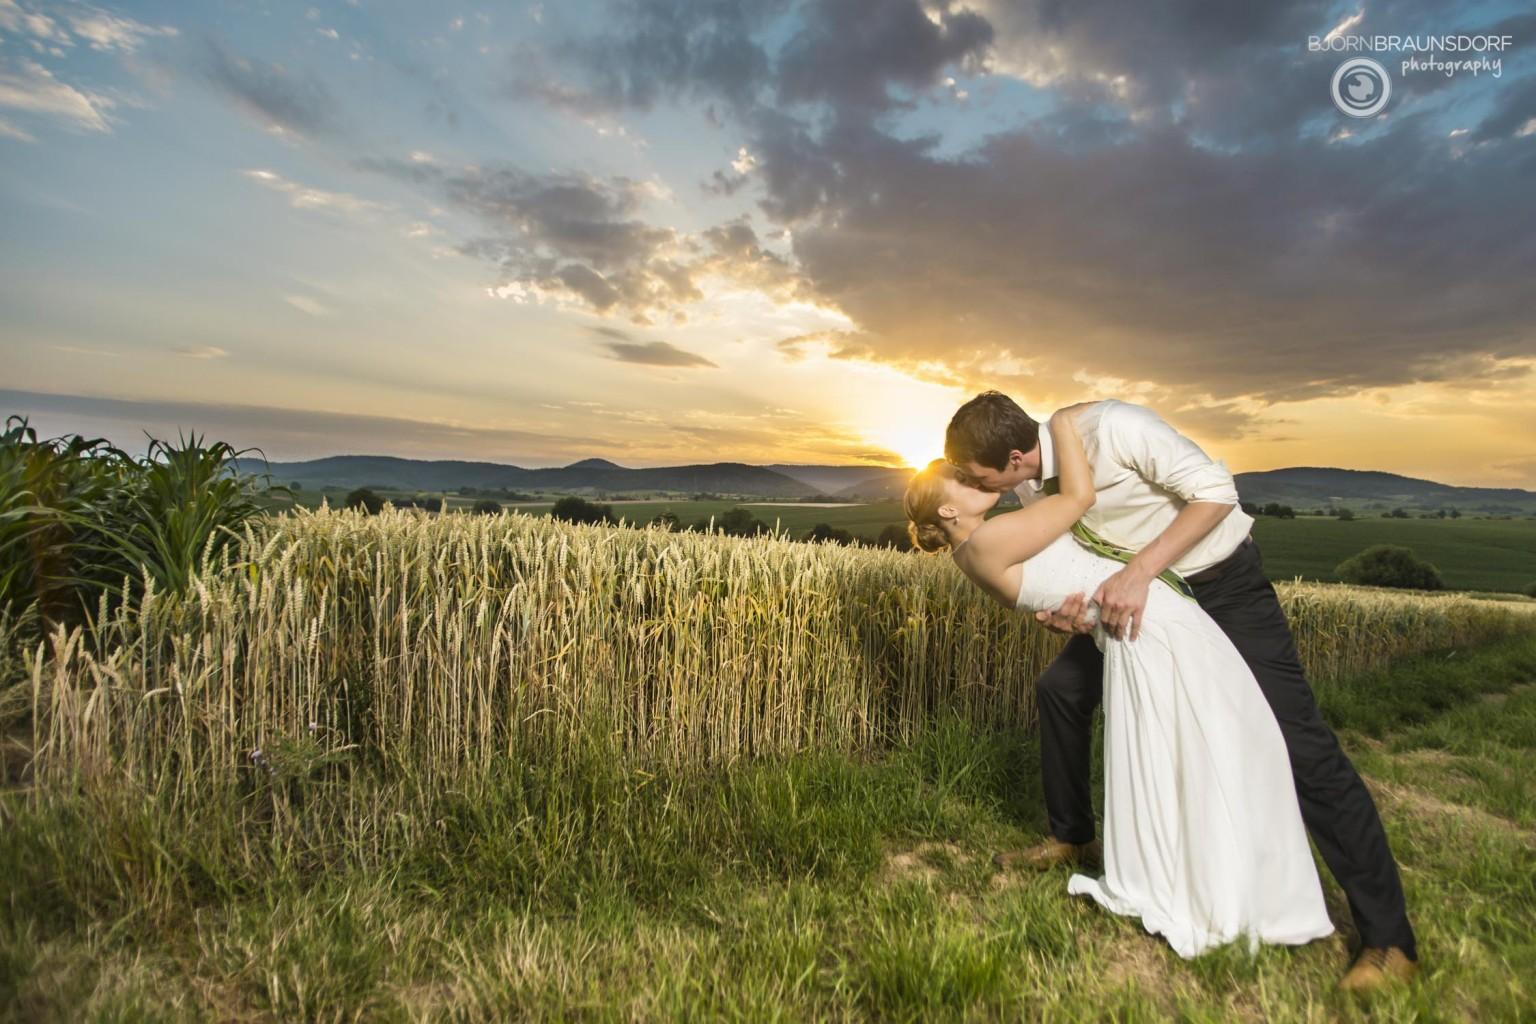 Hochzeitsfotograf Landau-62